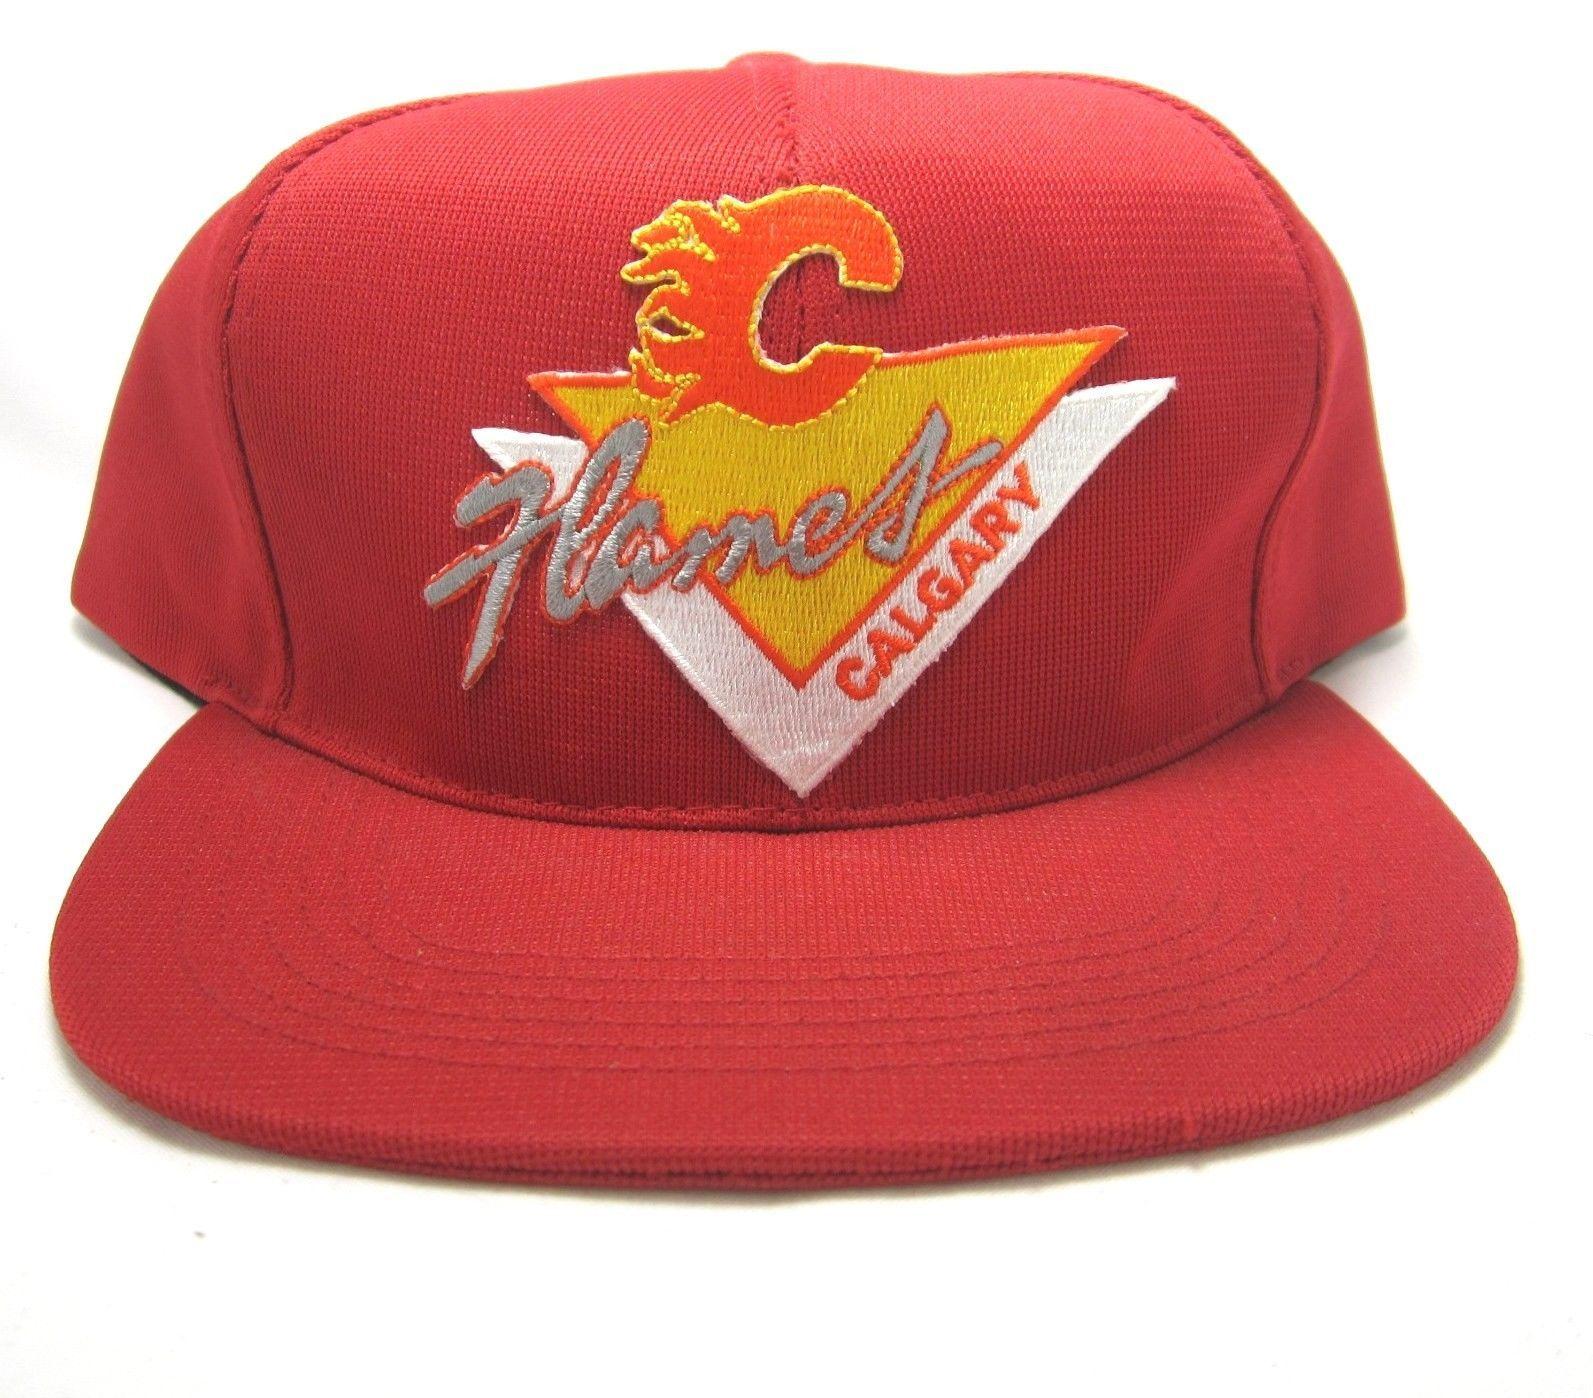 Vintage NHL Calgary Flames Snapback (Northstar brand